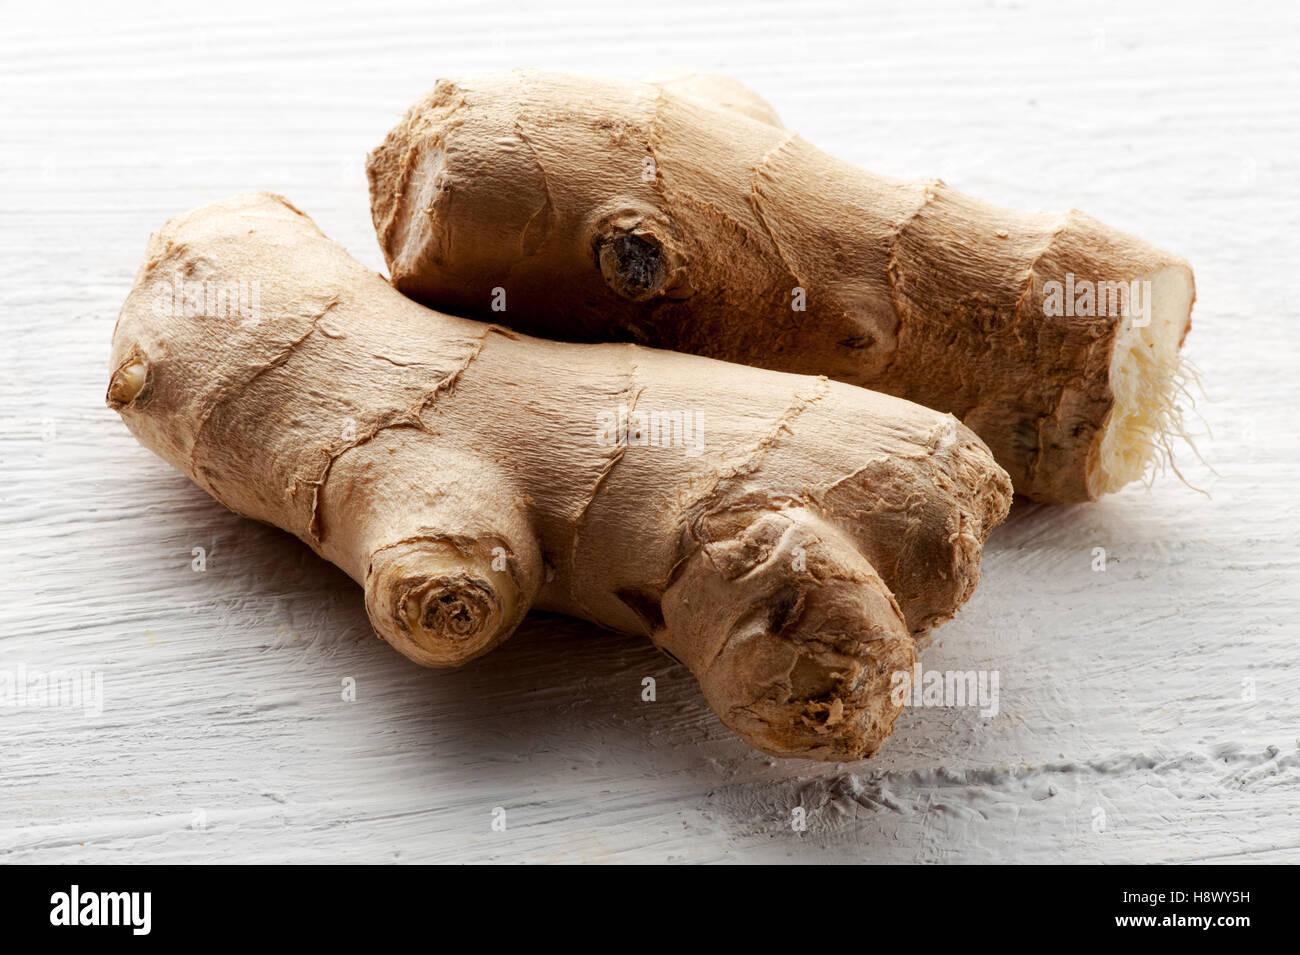 La racine de gingembre cru frais sur un tableau blanc texturé pour une utilisation en cuisine comme assaisonnement Photo Stock